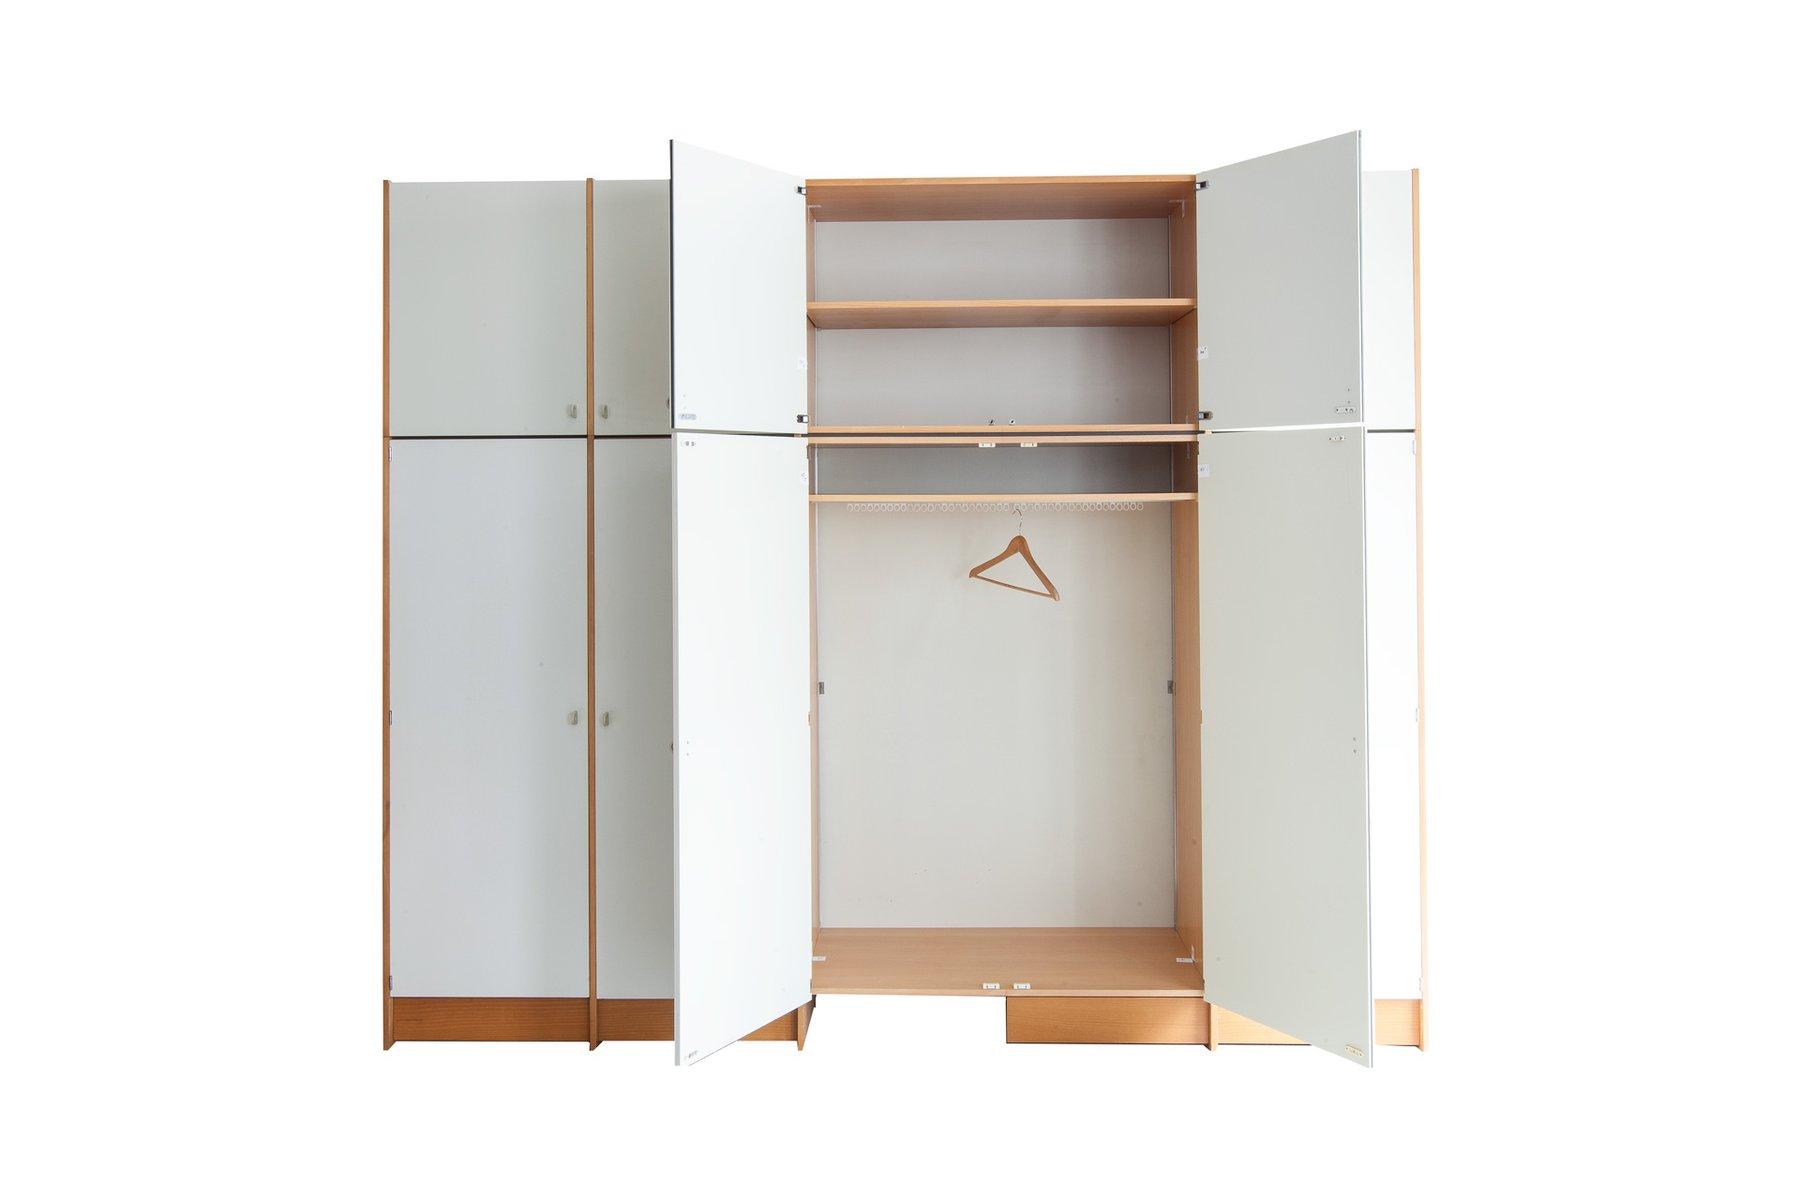 modell rz57 kleiderschrank von dieter rams f r otto zapf. Black Bedroom Furniture Sets. Home Design Ideas